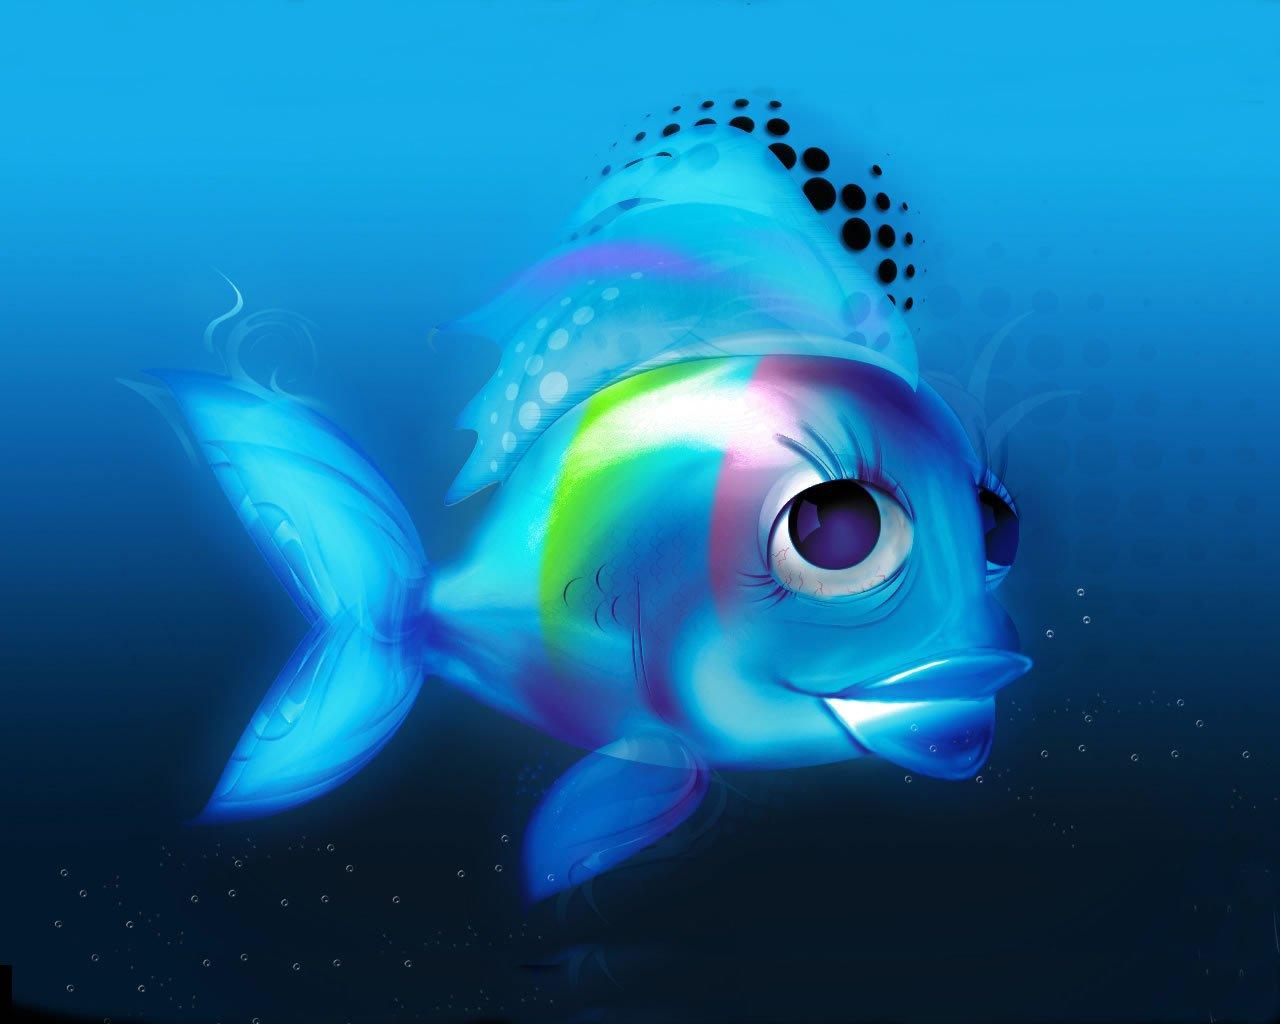 картинки на экран телефона рыбы так